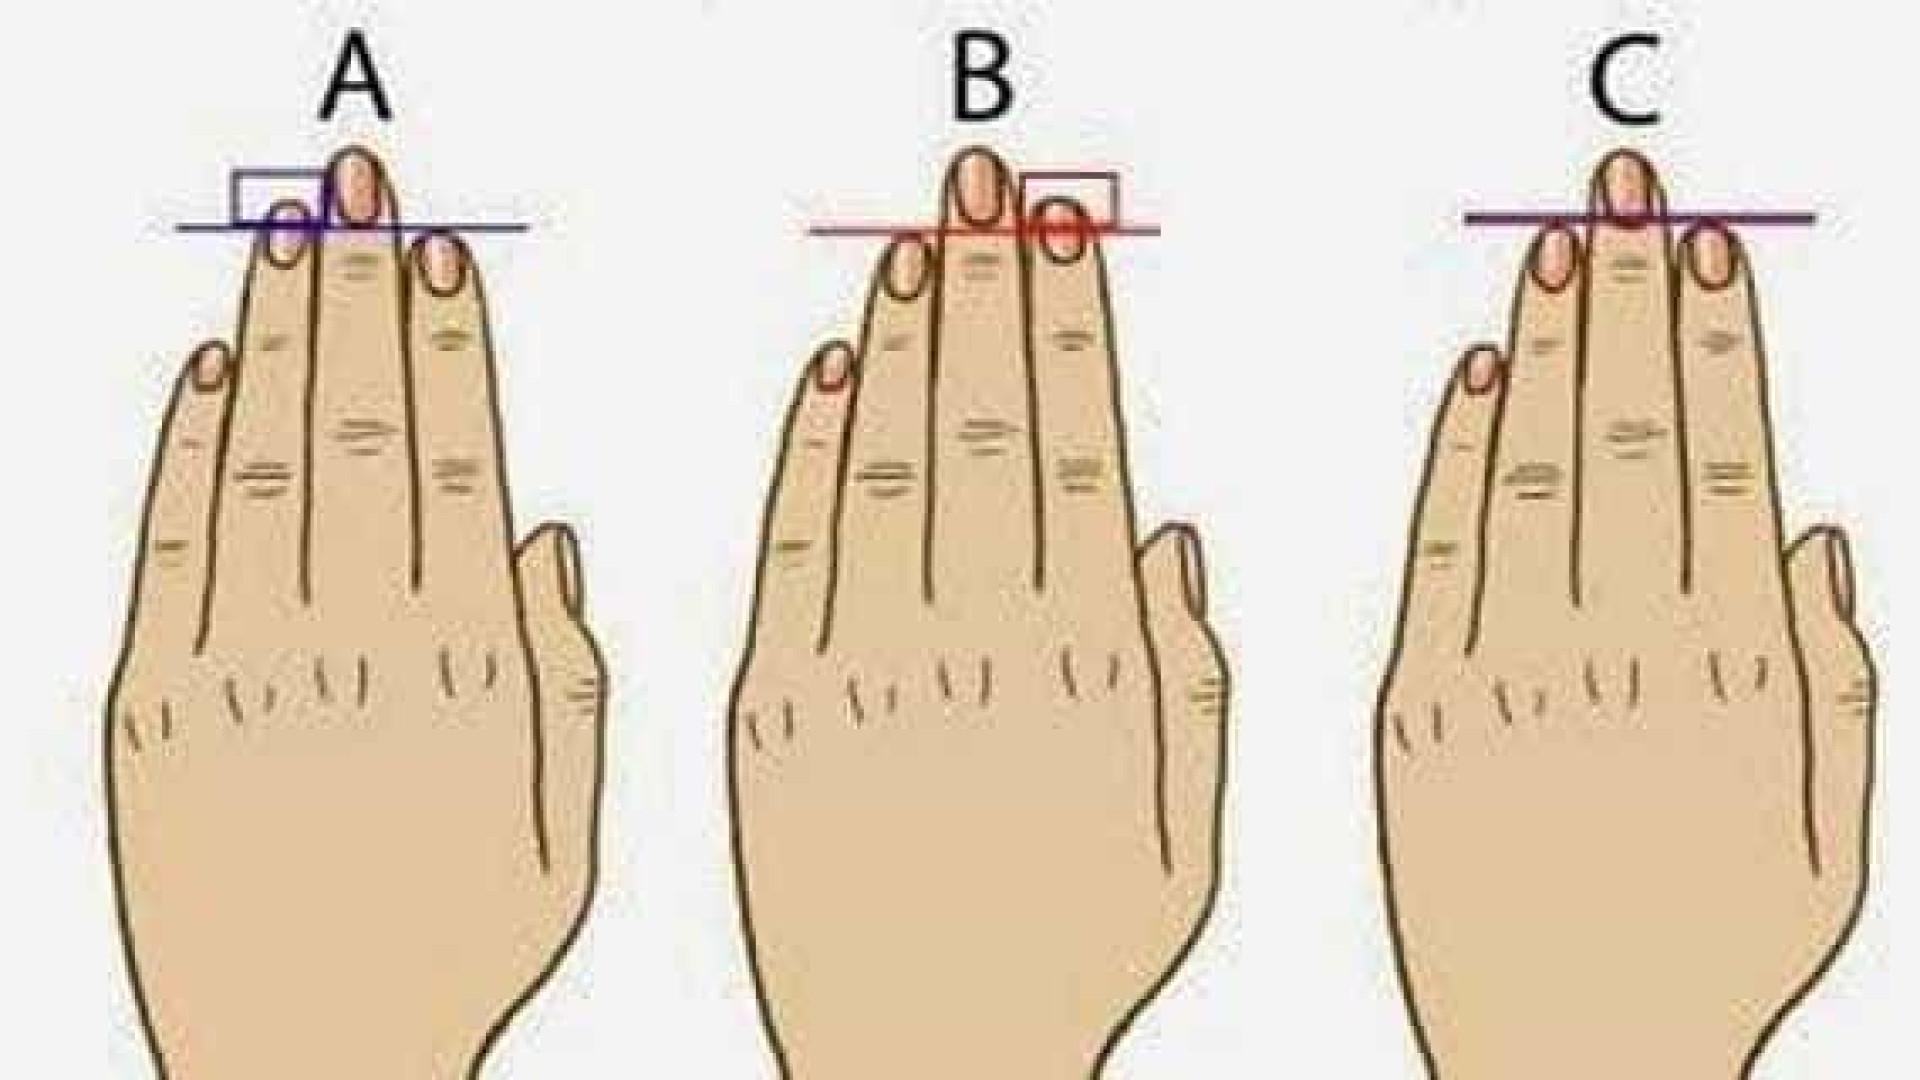 Descubra a personalidade pelo formato dos dedos das mãos